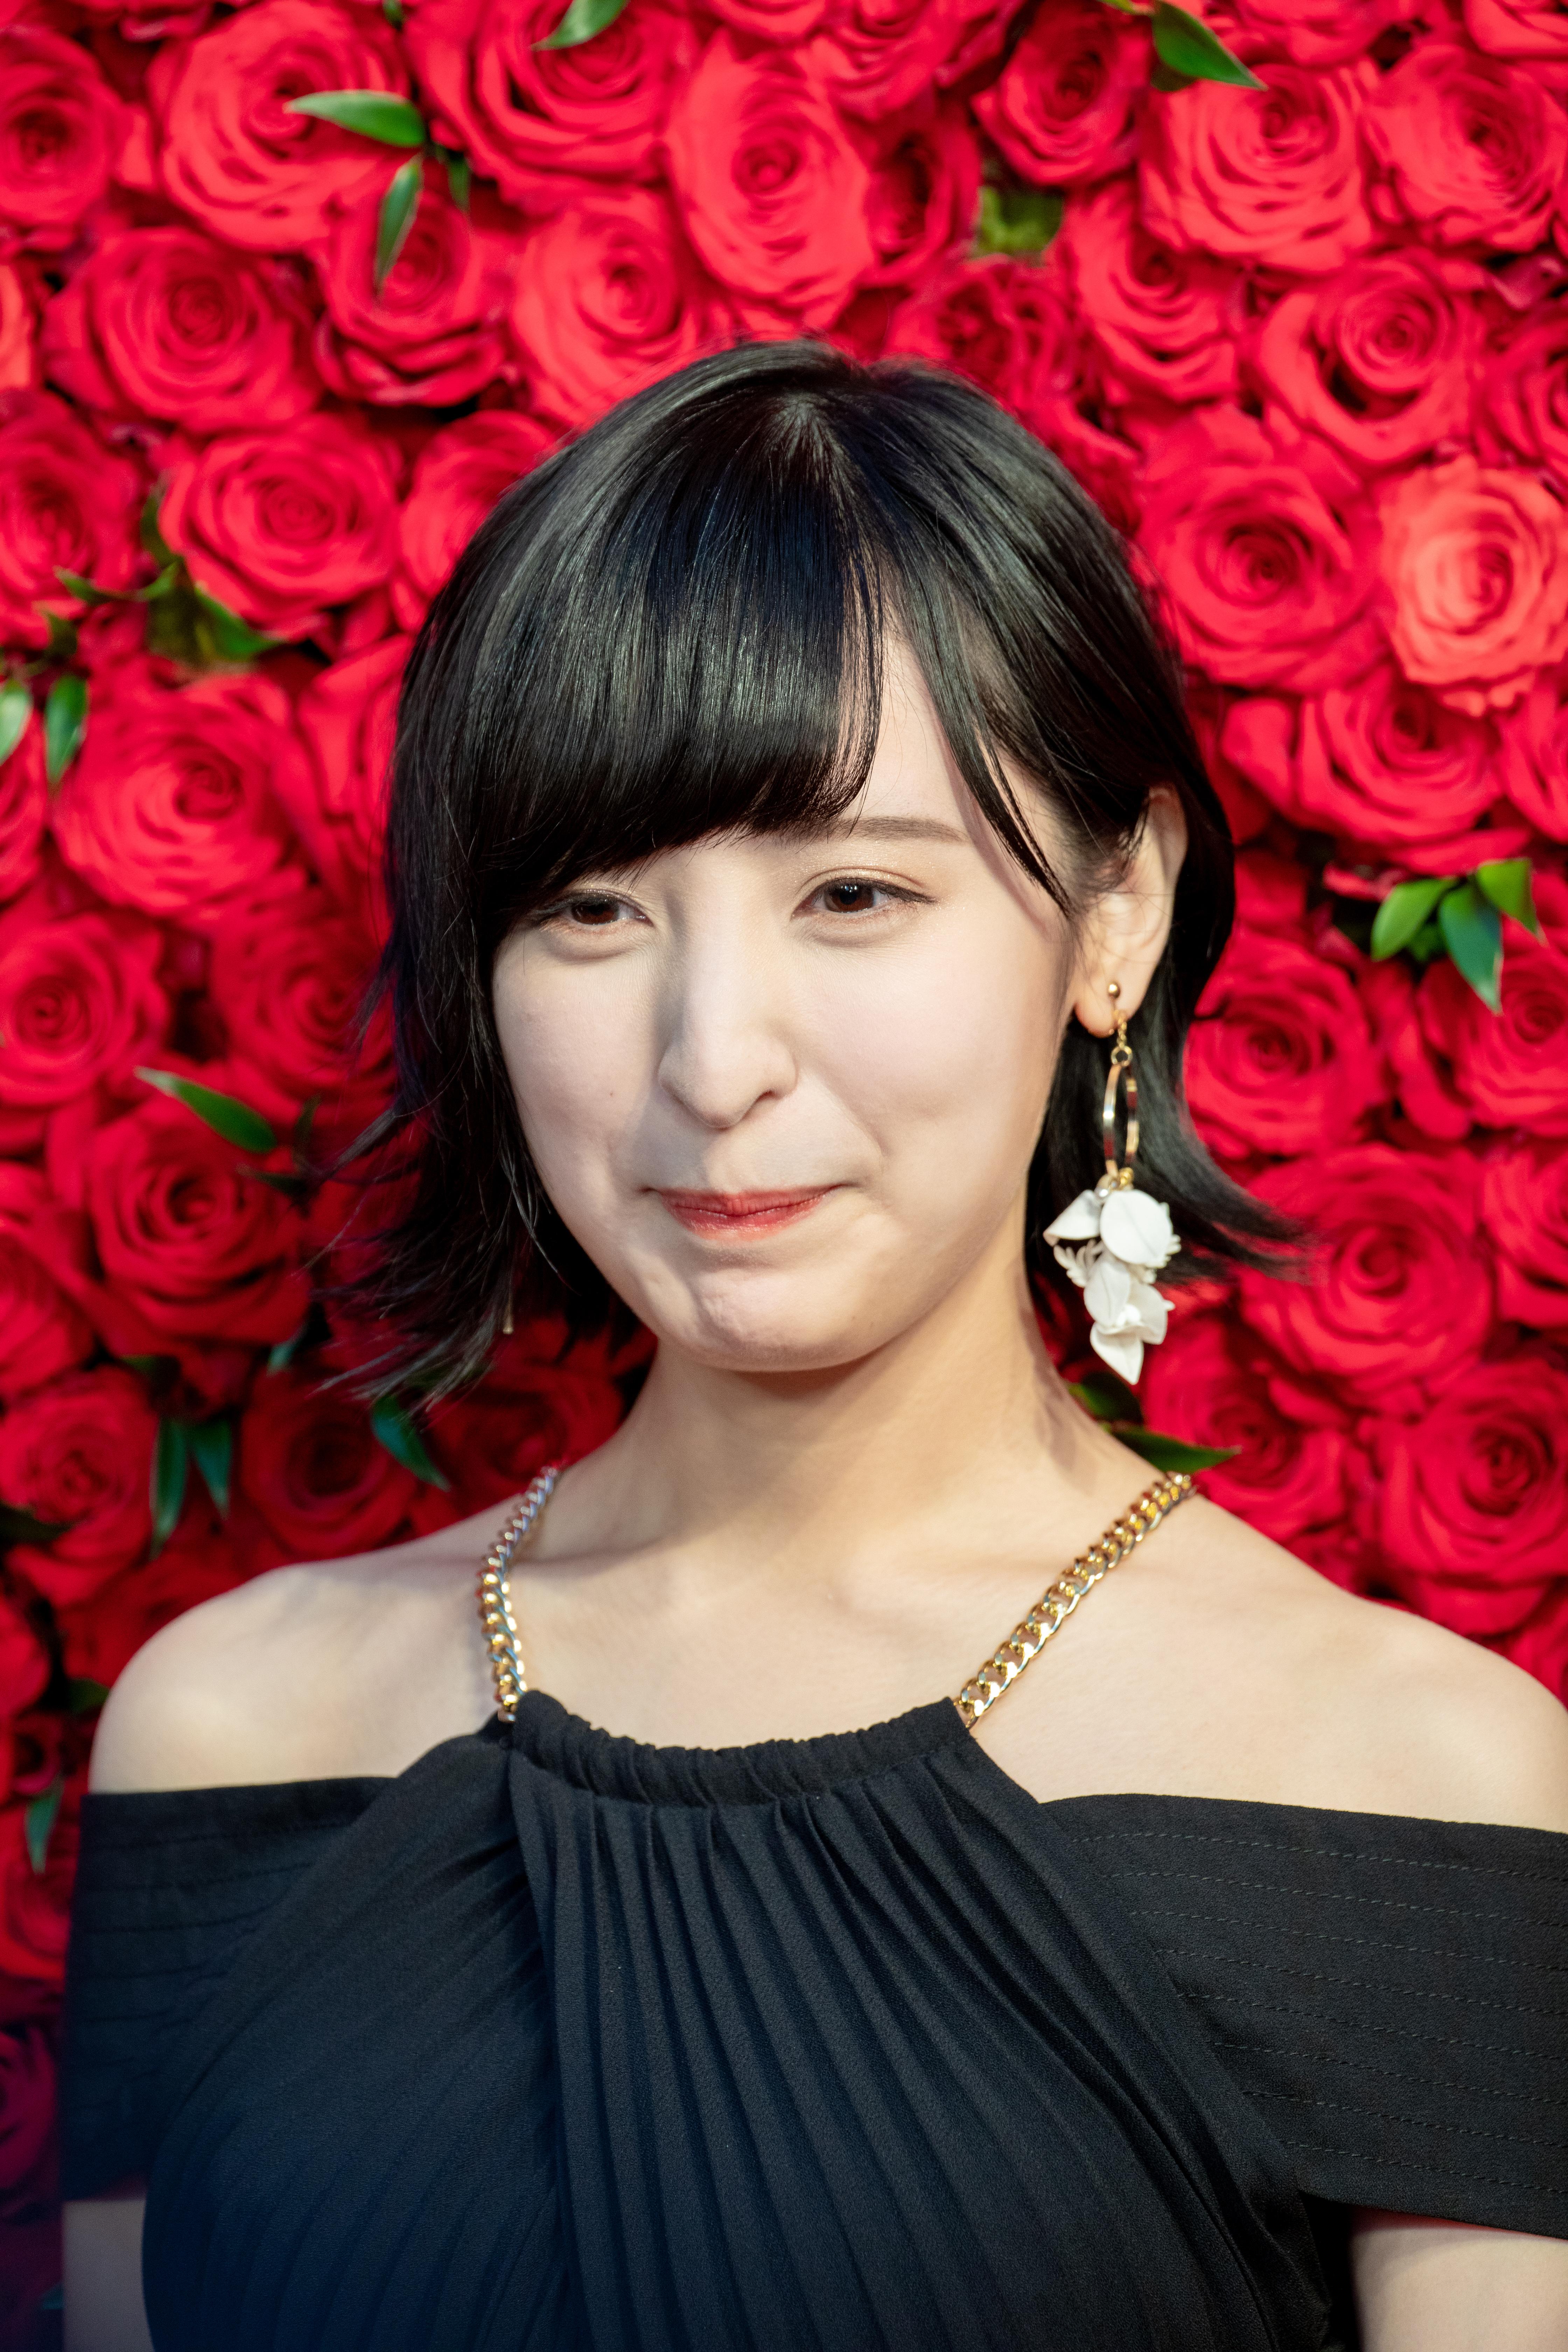 画像 声優の佐倉綾音ちゃんが4k映像で写真を撮られた結果